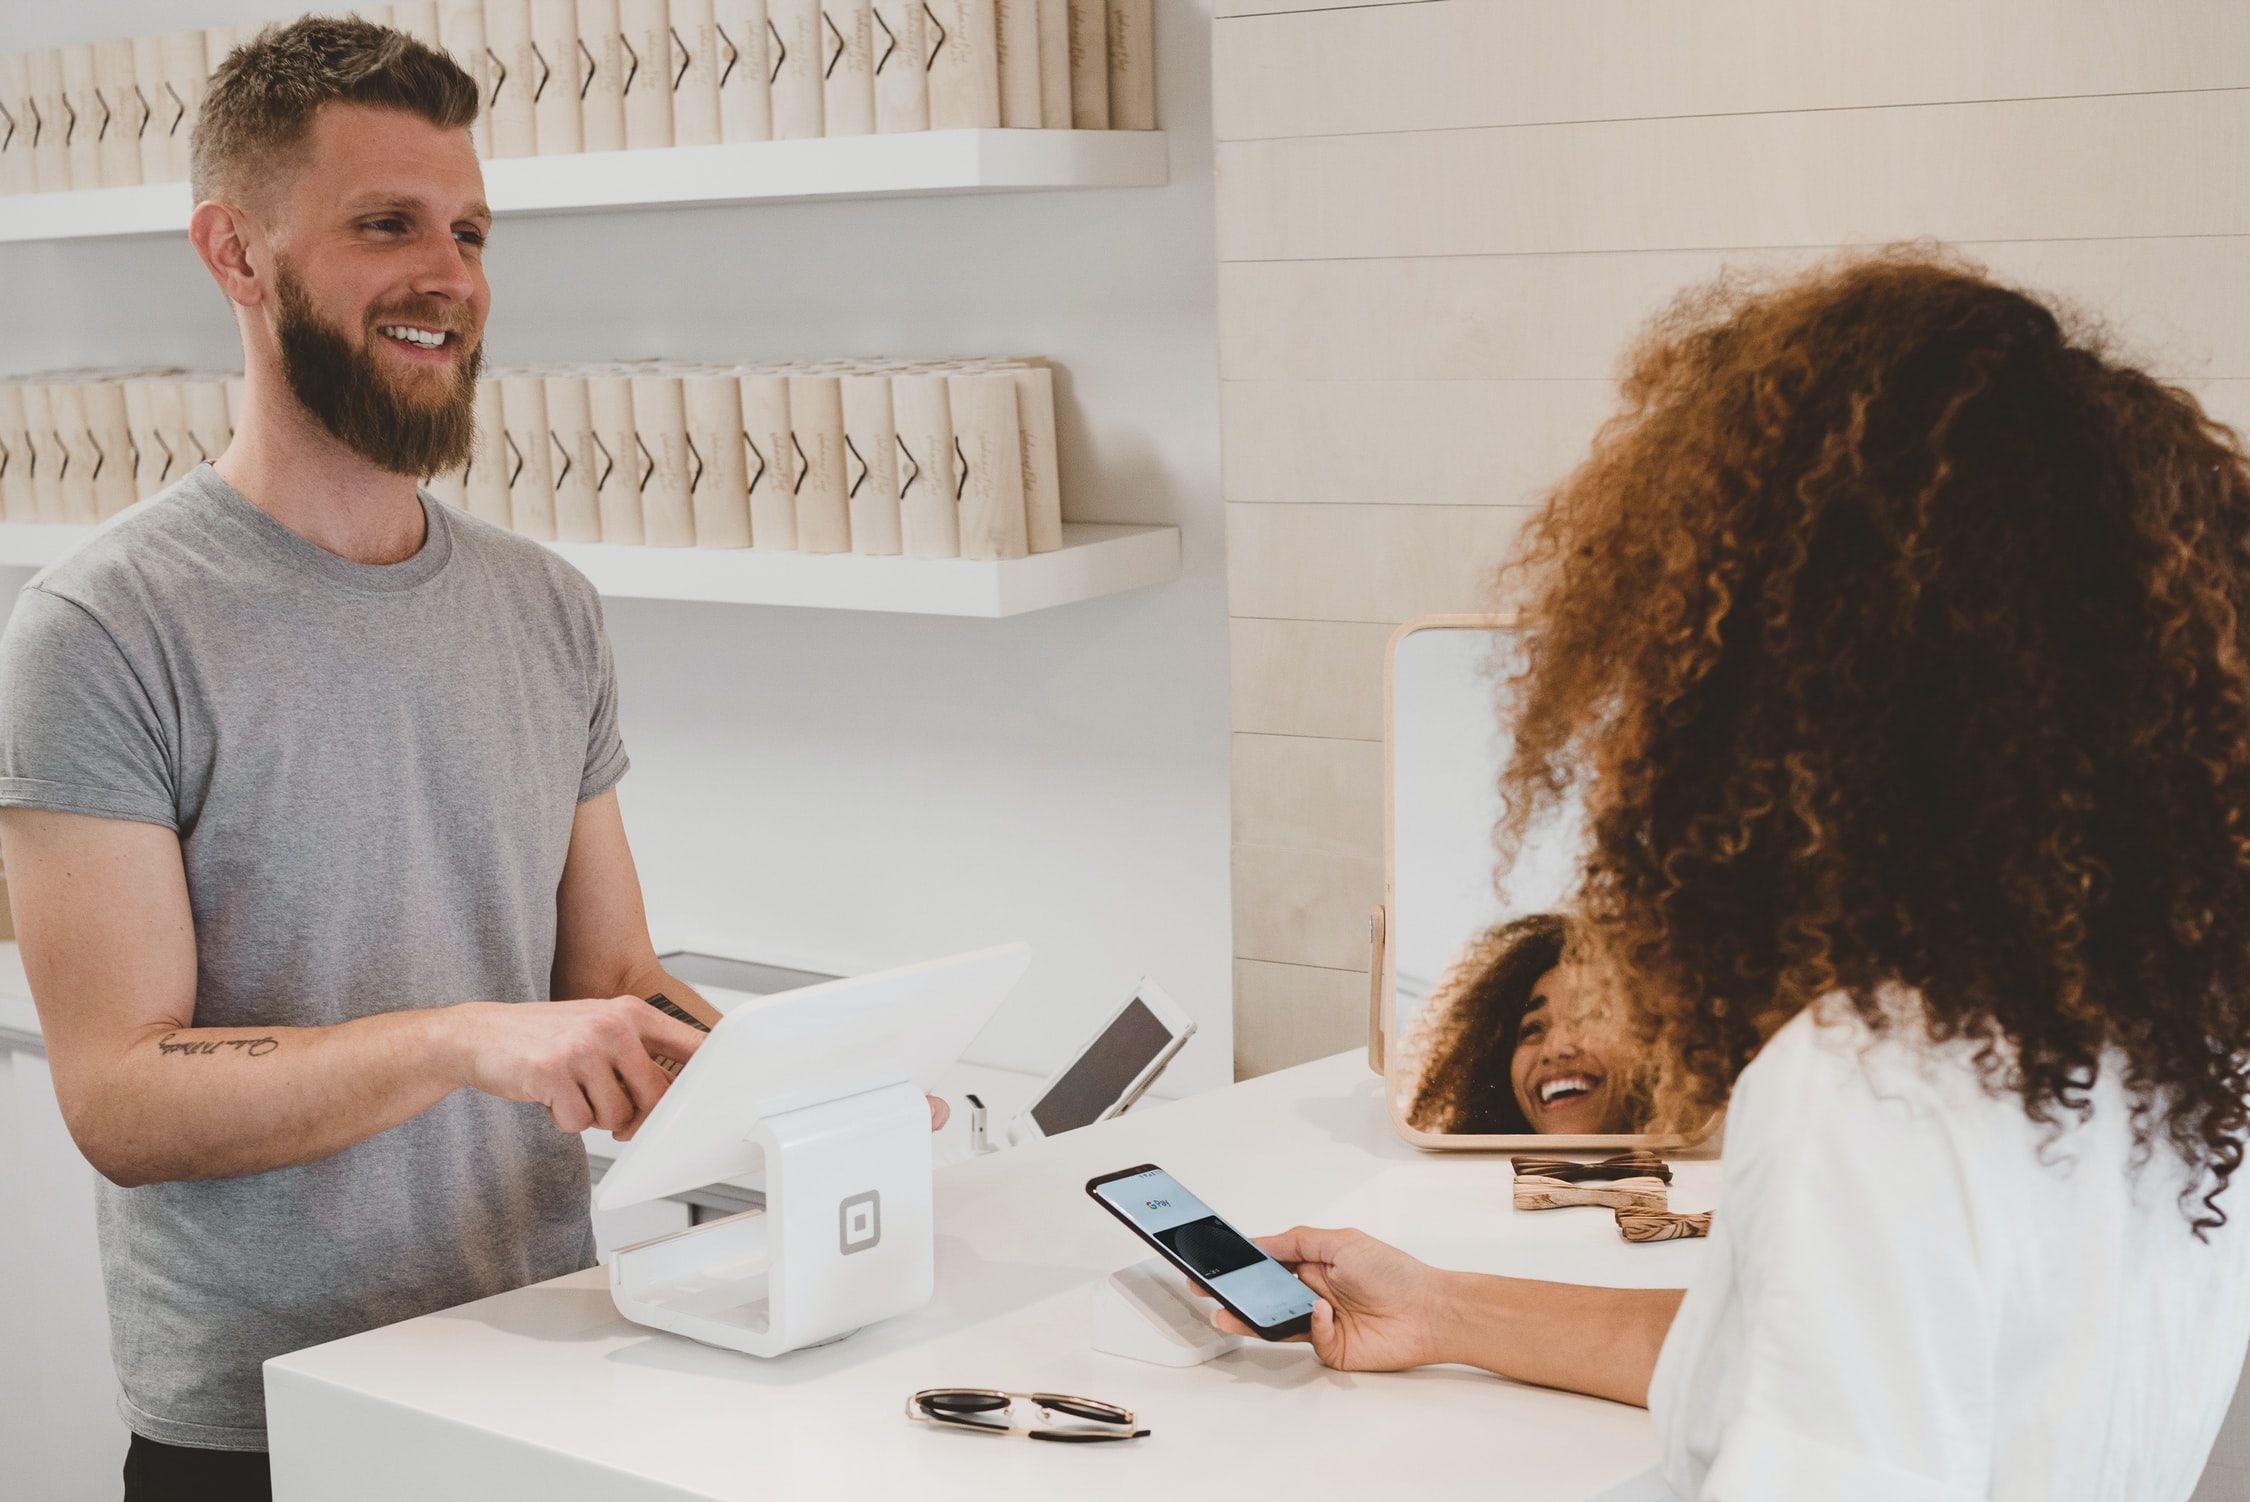 Introducción a la venta: ¿Qué es y porqué compramos?